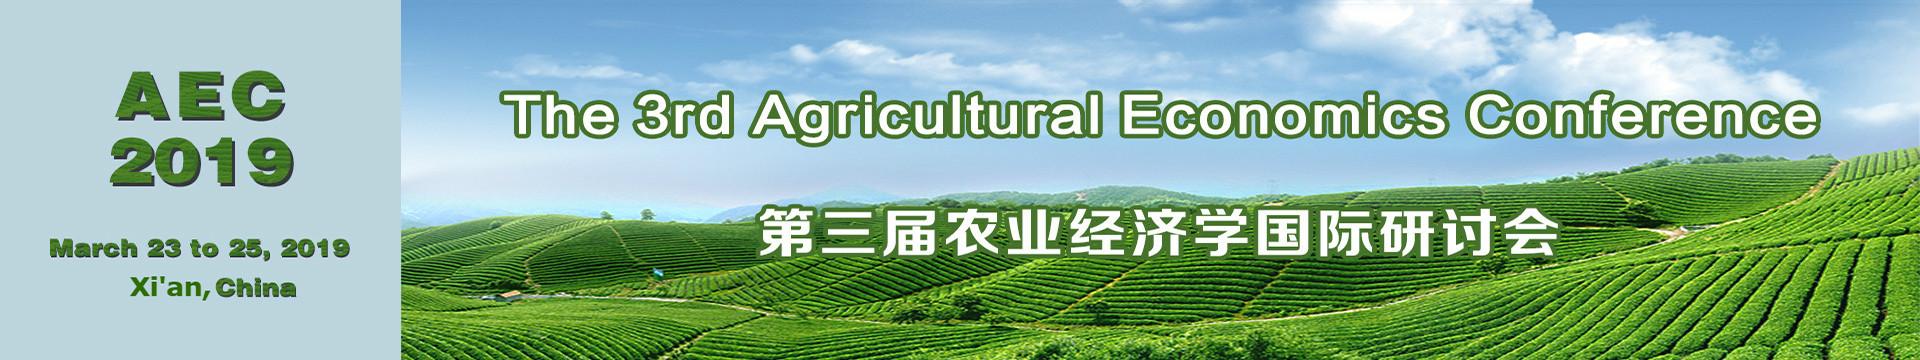 第三屆農業經濟國際研討會 (AEC 2019)